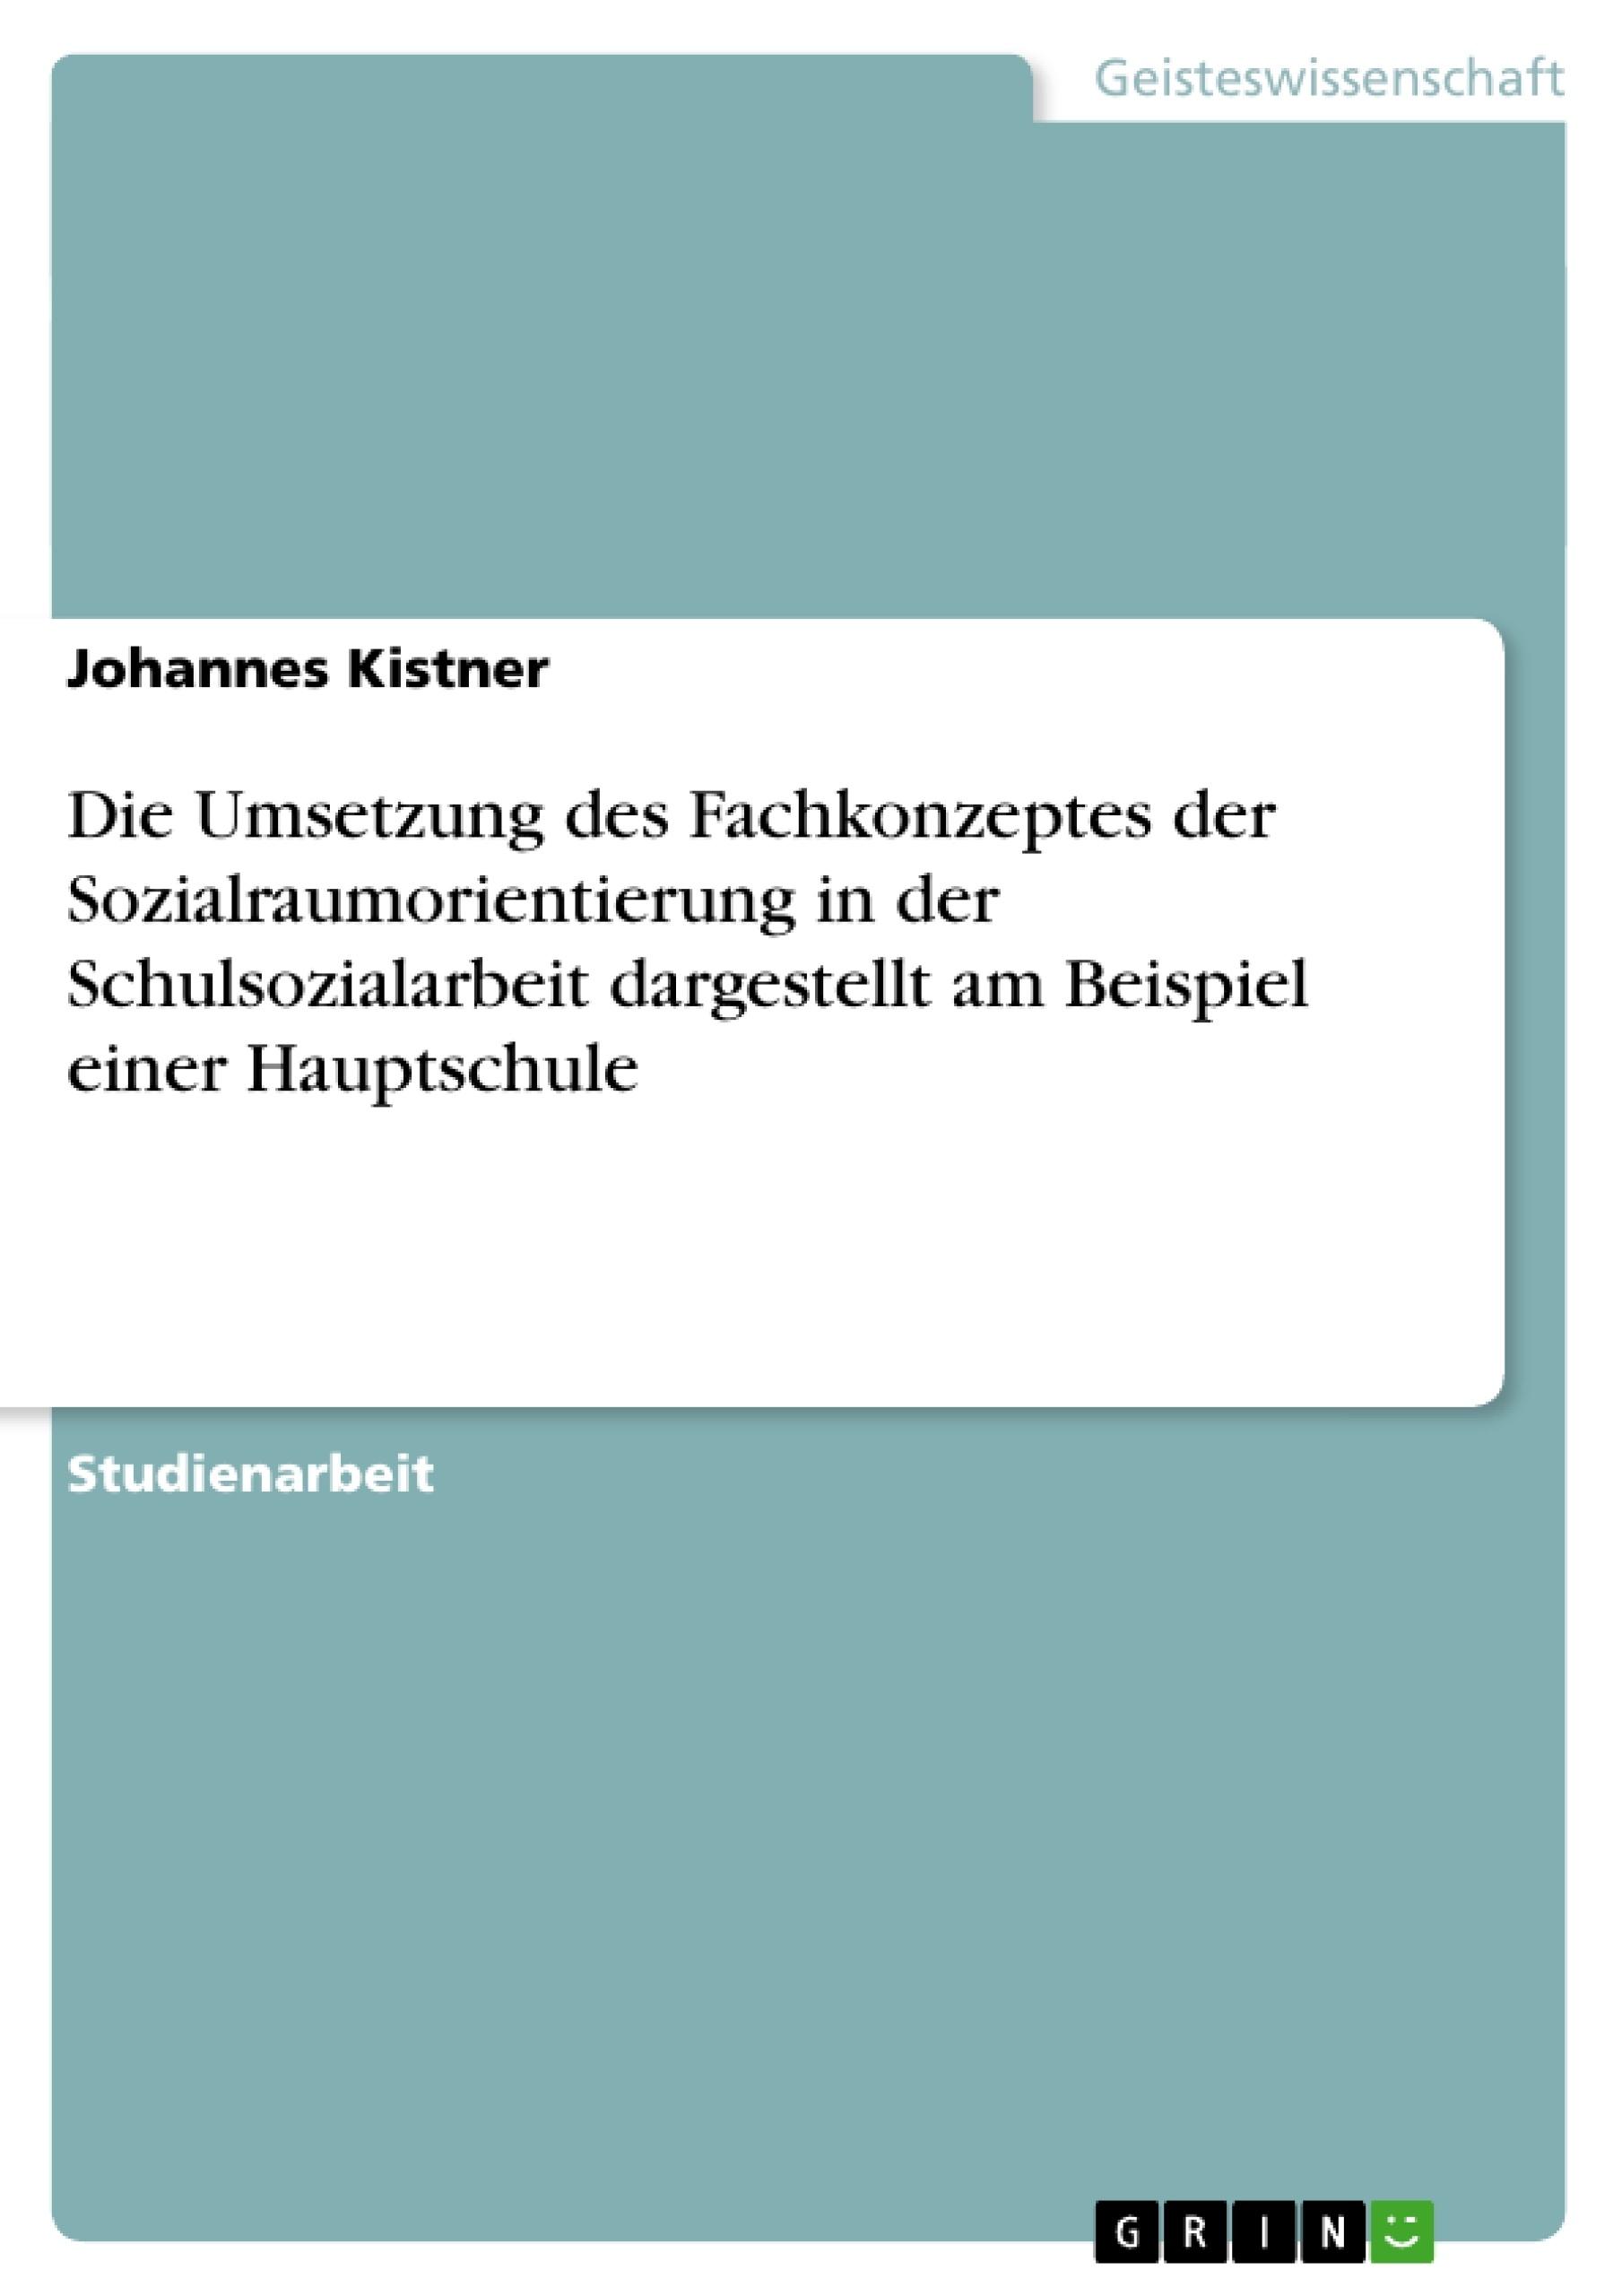 Titel: Die Umsetzung des Fachkonzeptes der Sozialraumorientierung in der Schulsozialarbeit dargestellt am Beispiel einer Hauptschule